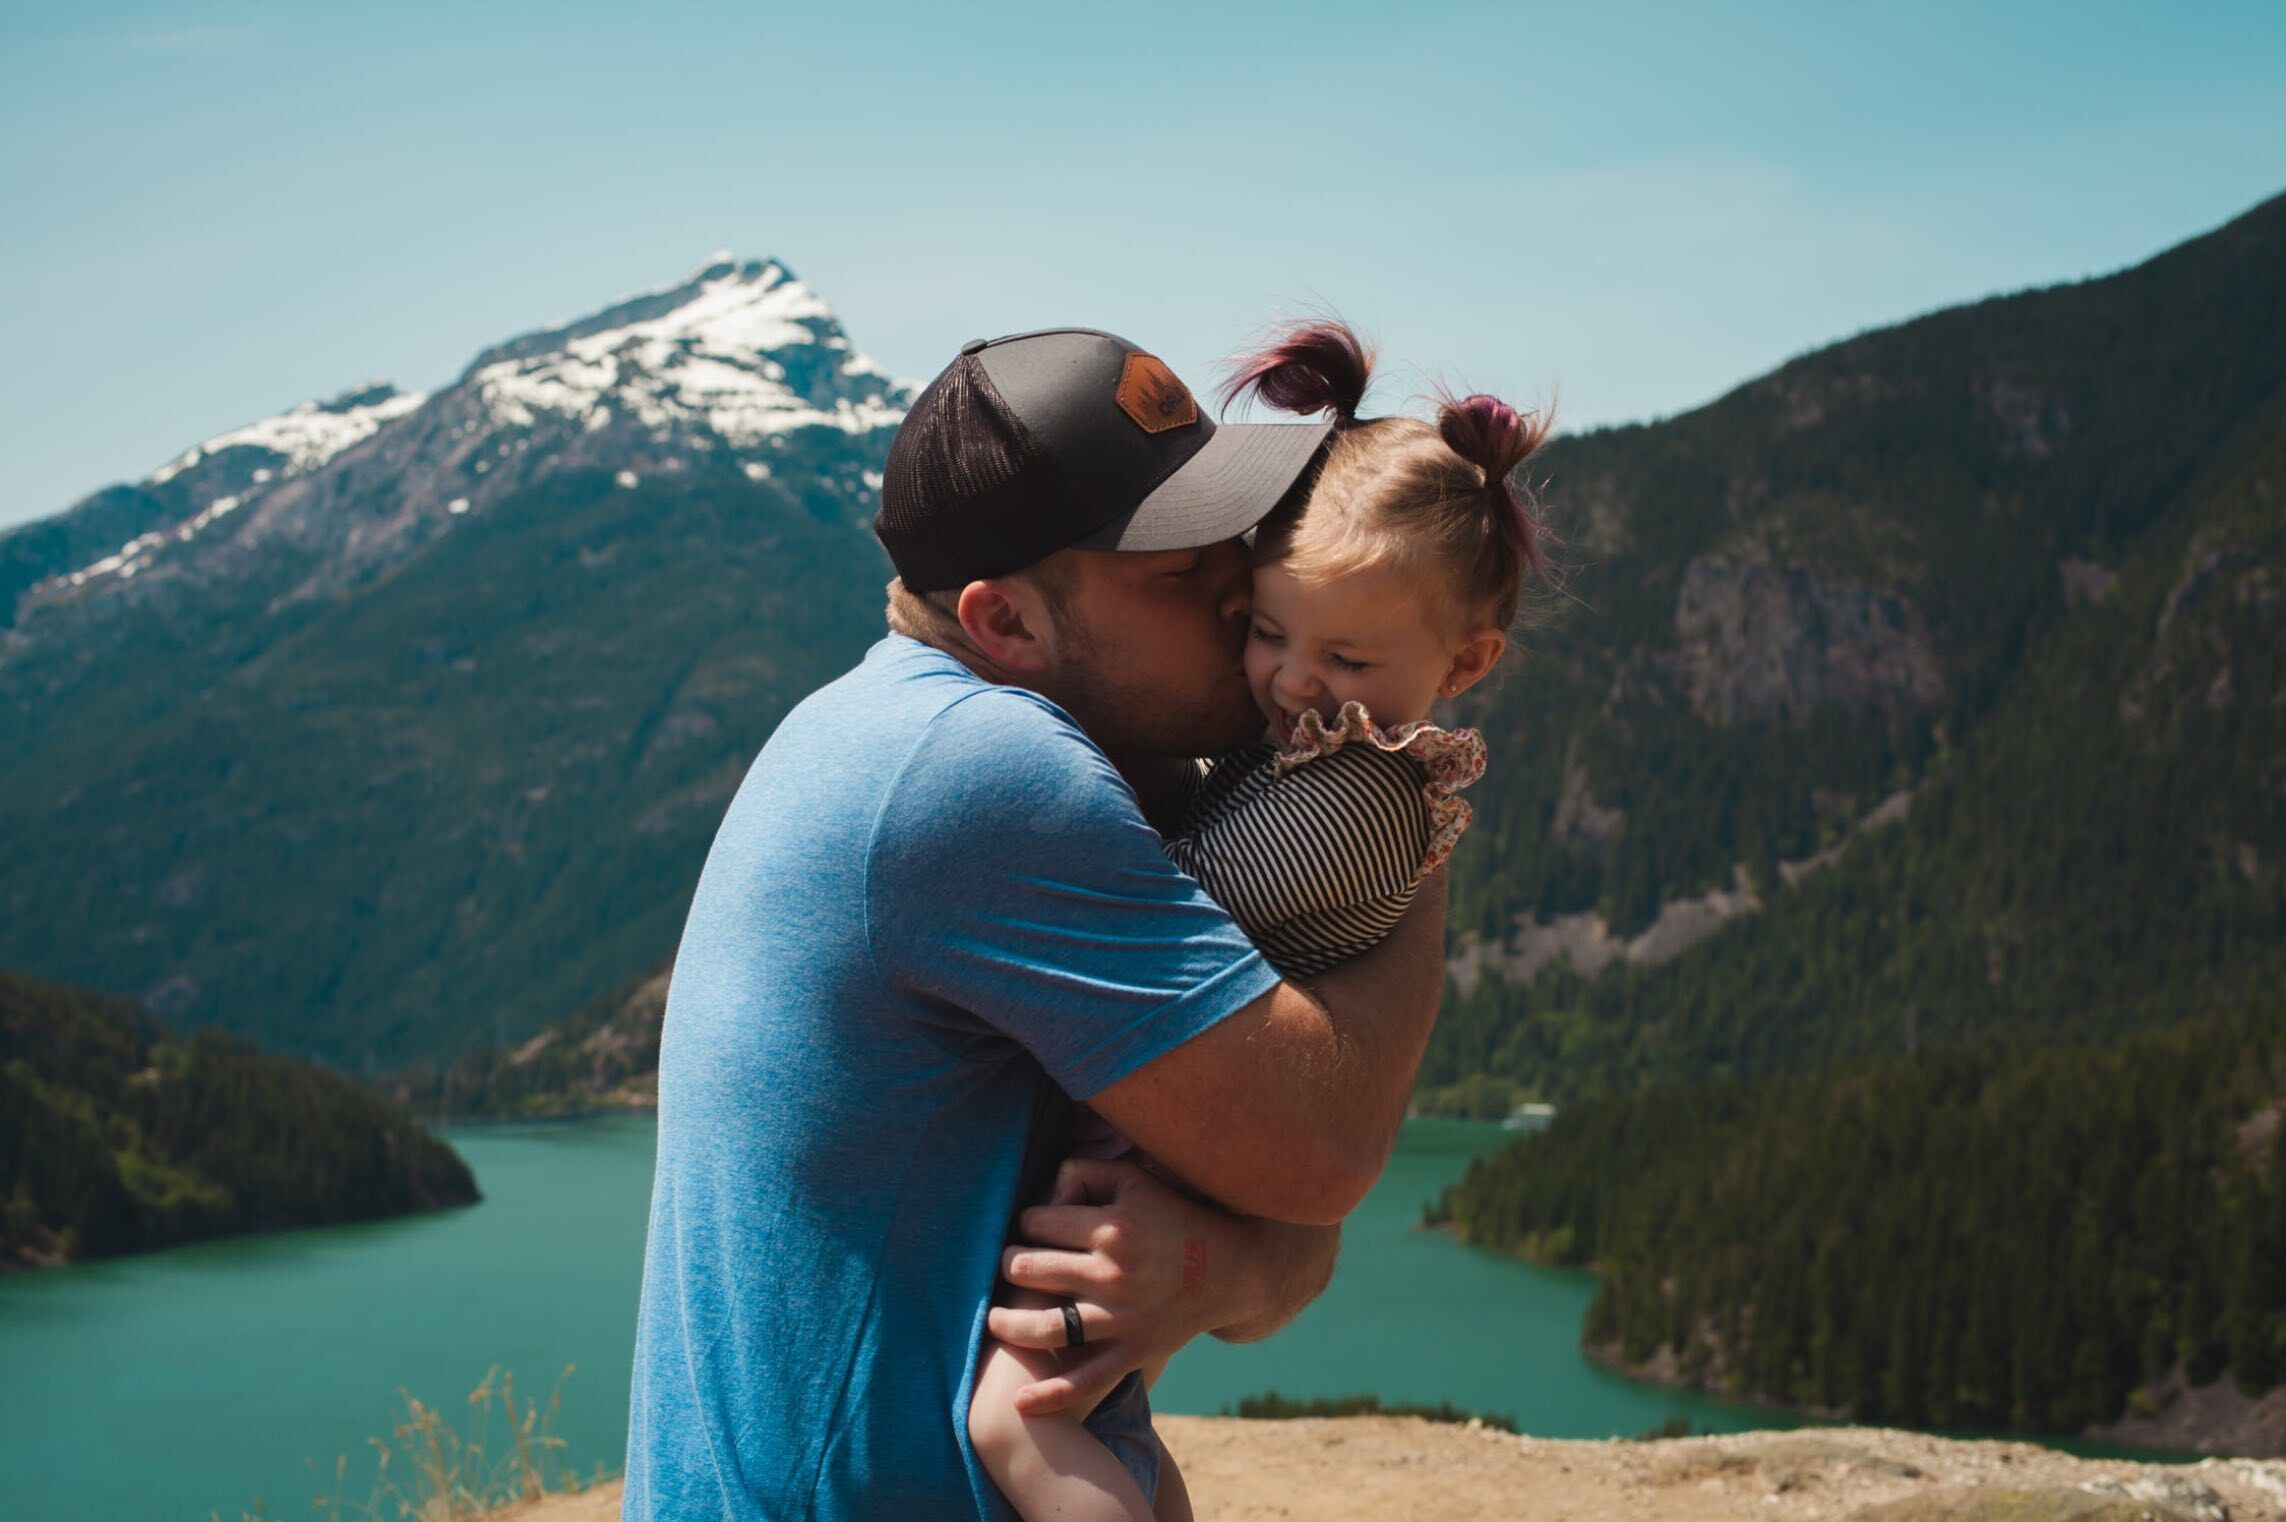 Lo que significa ser papá, según 10 padres alrededor del mundo